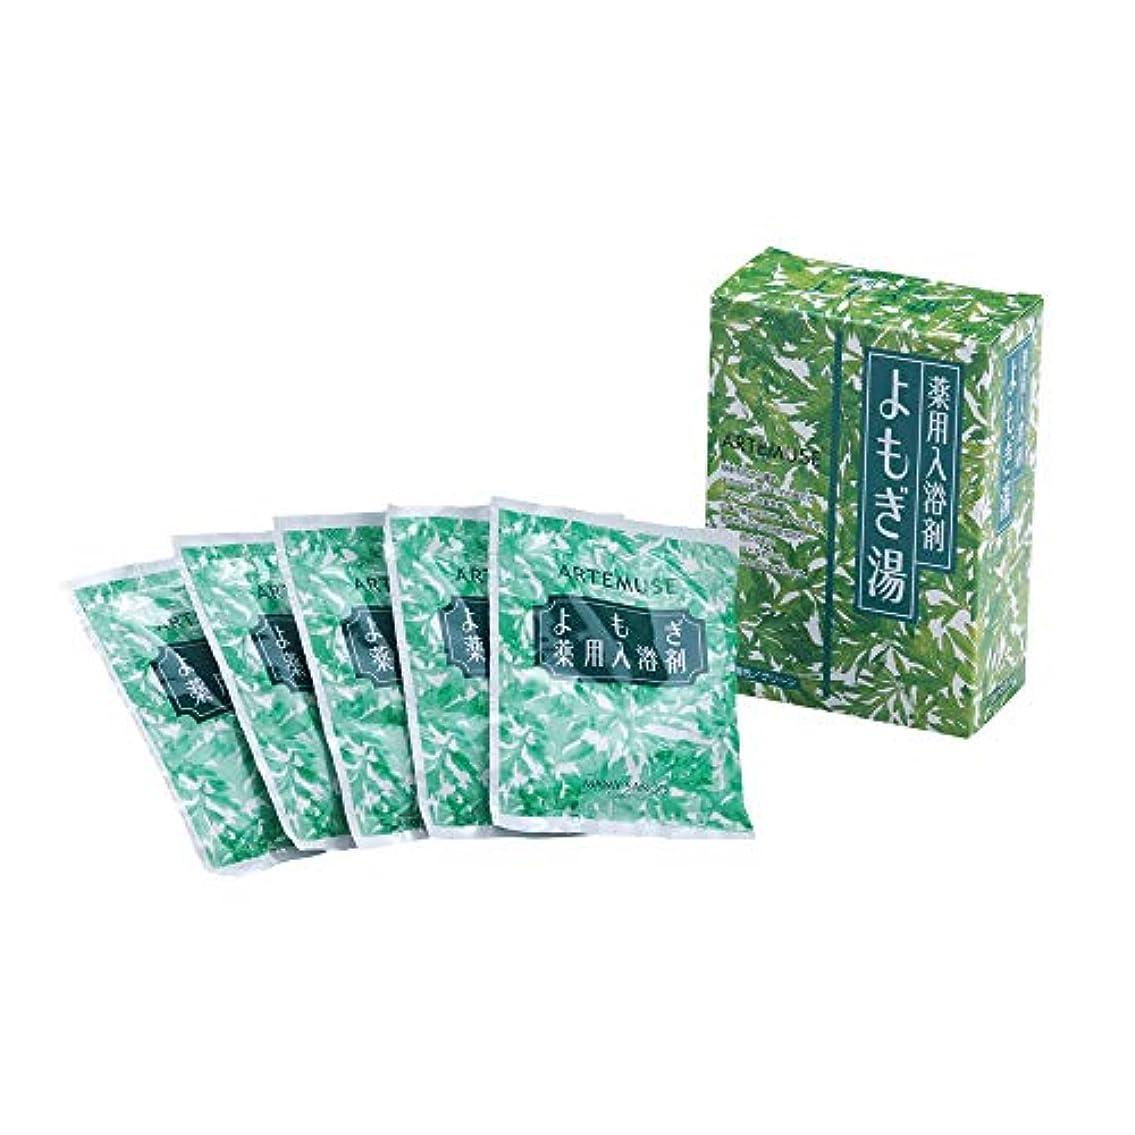 マミーサンゴ よもぎ入浴剤 薬用バスソルトA [分包タイプ] 30g×5包入 (1箱)